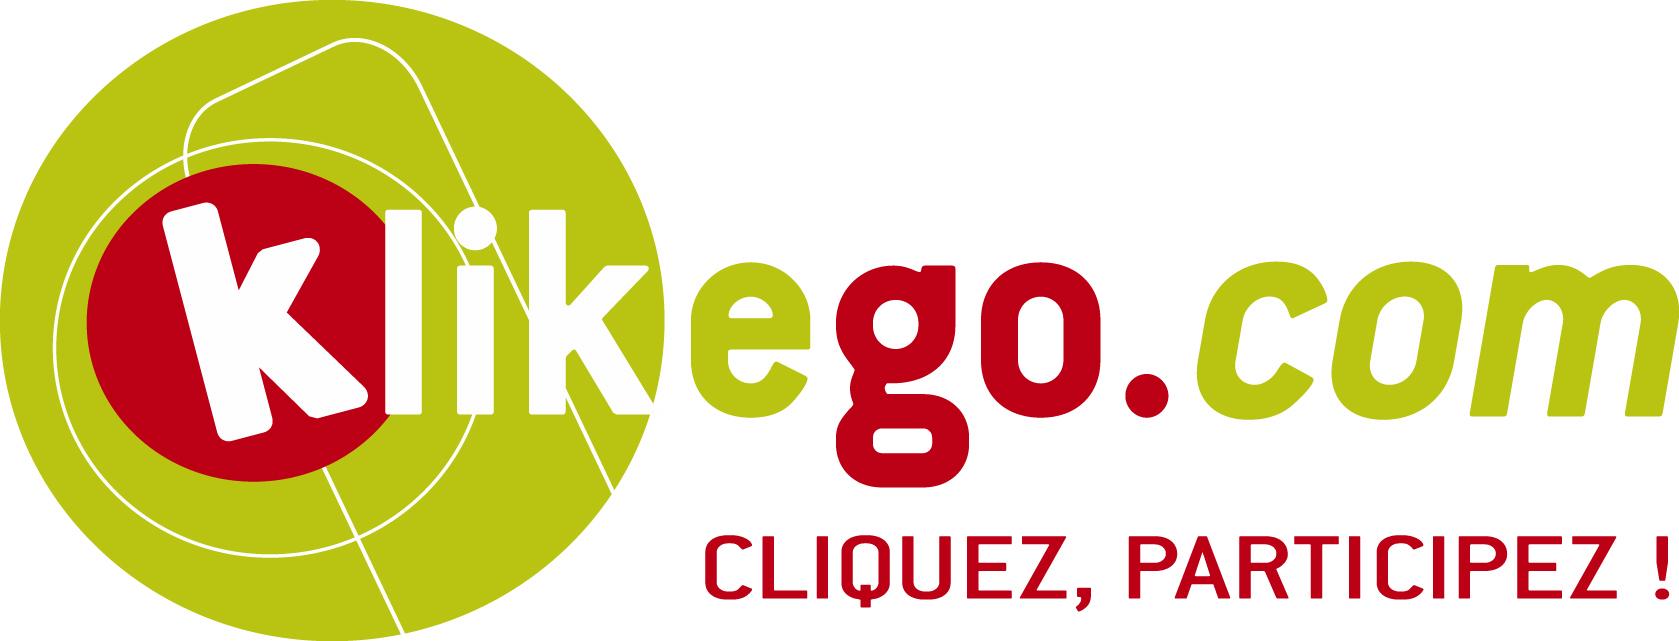 Inscriptions sur Klikego.com